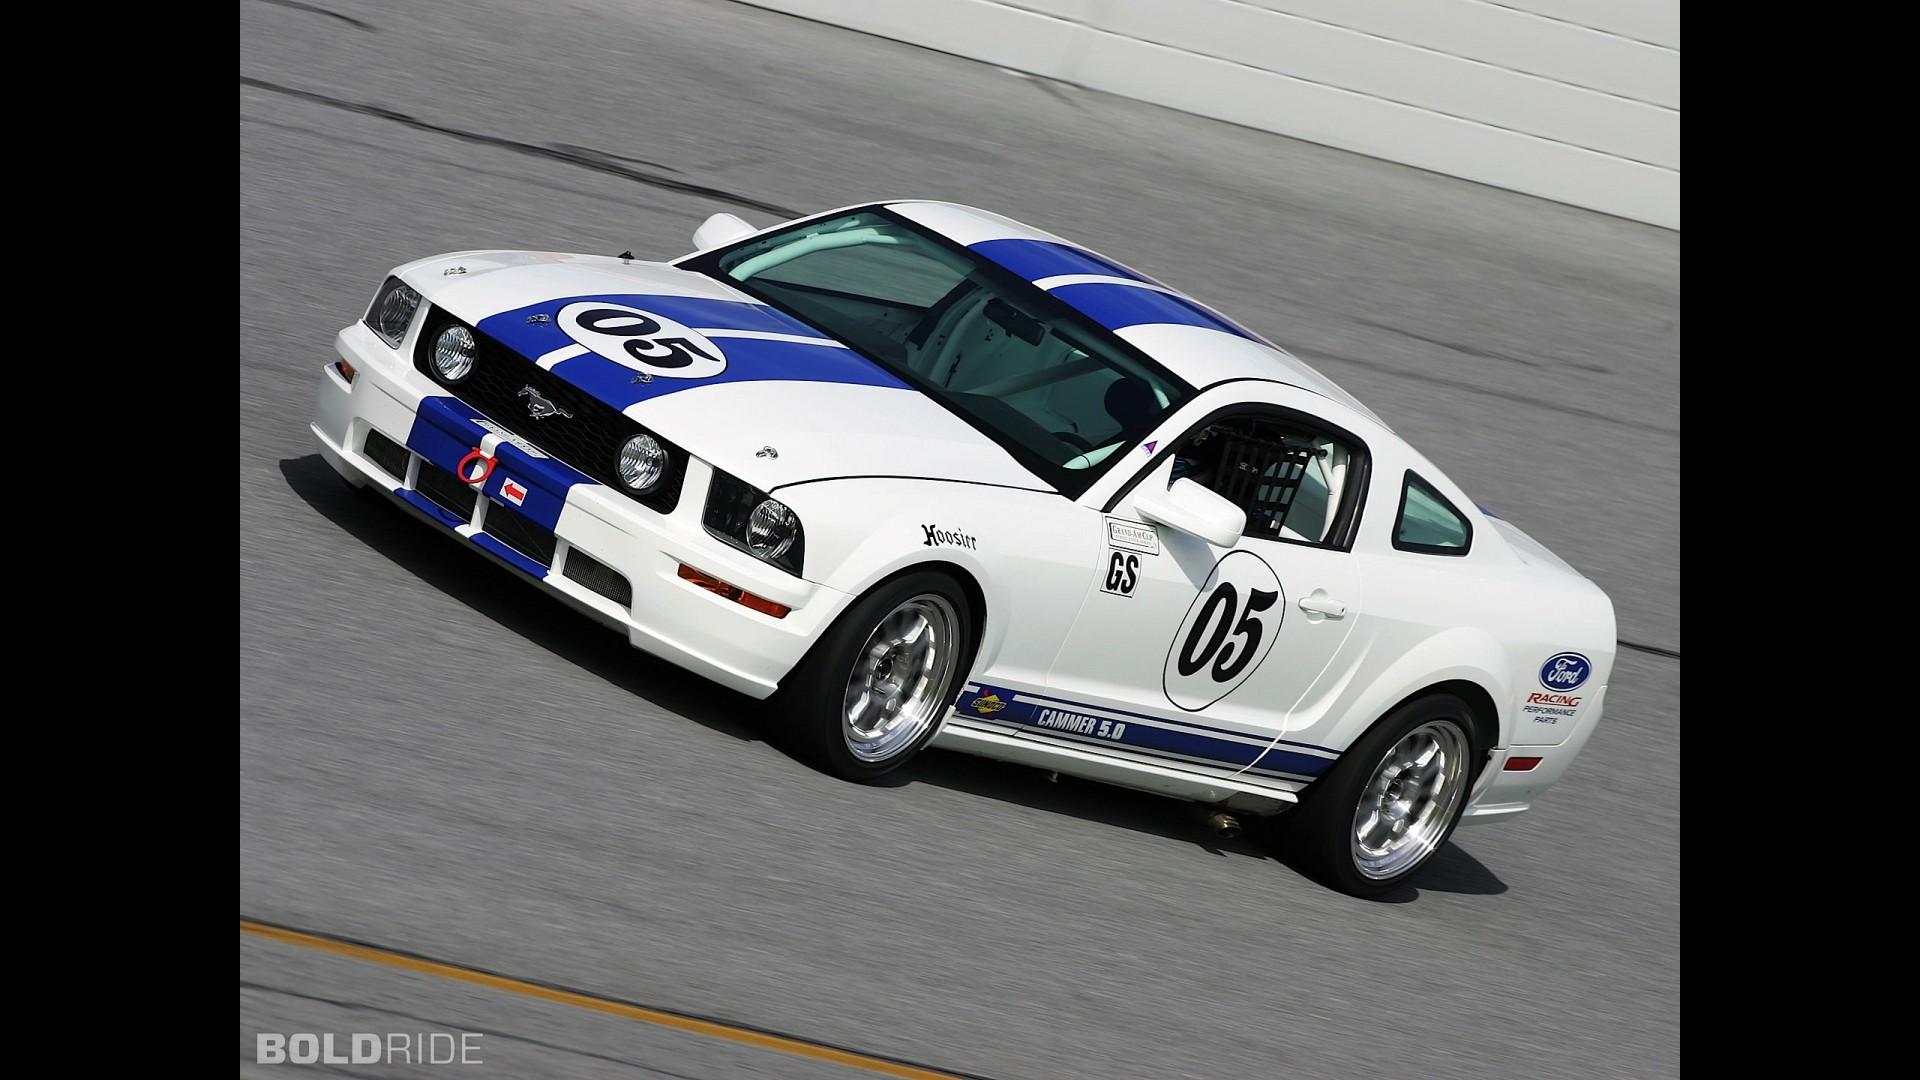 Ford Mustang GT Race Car at Daytona